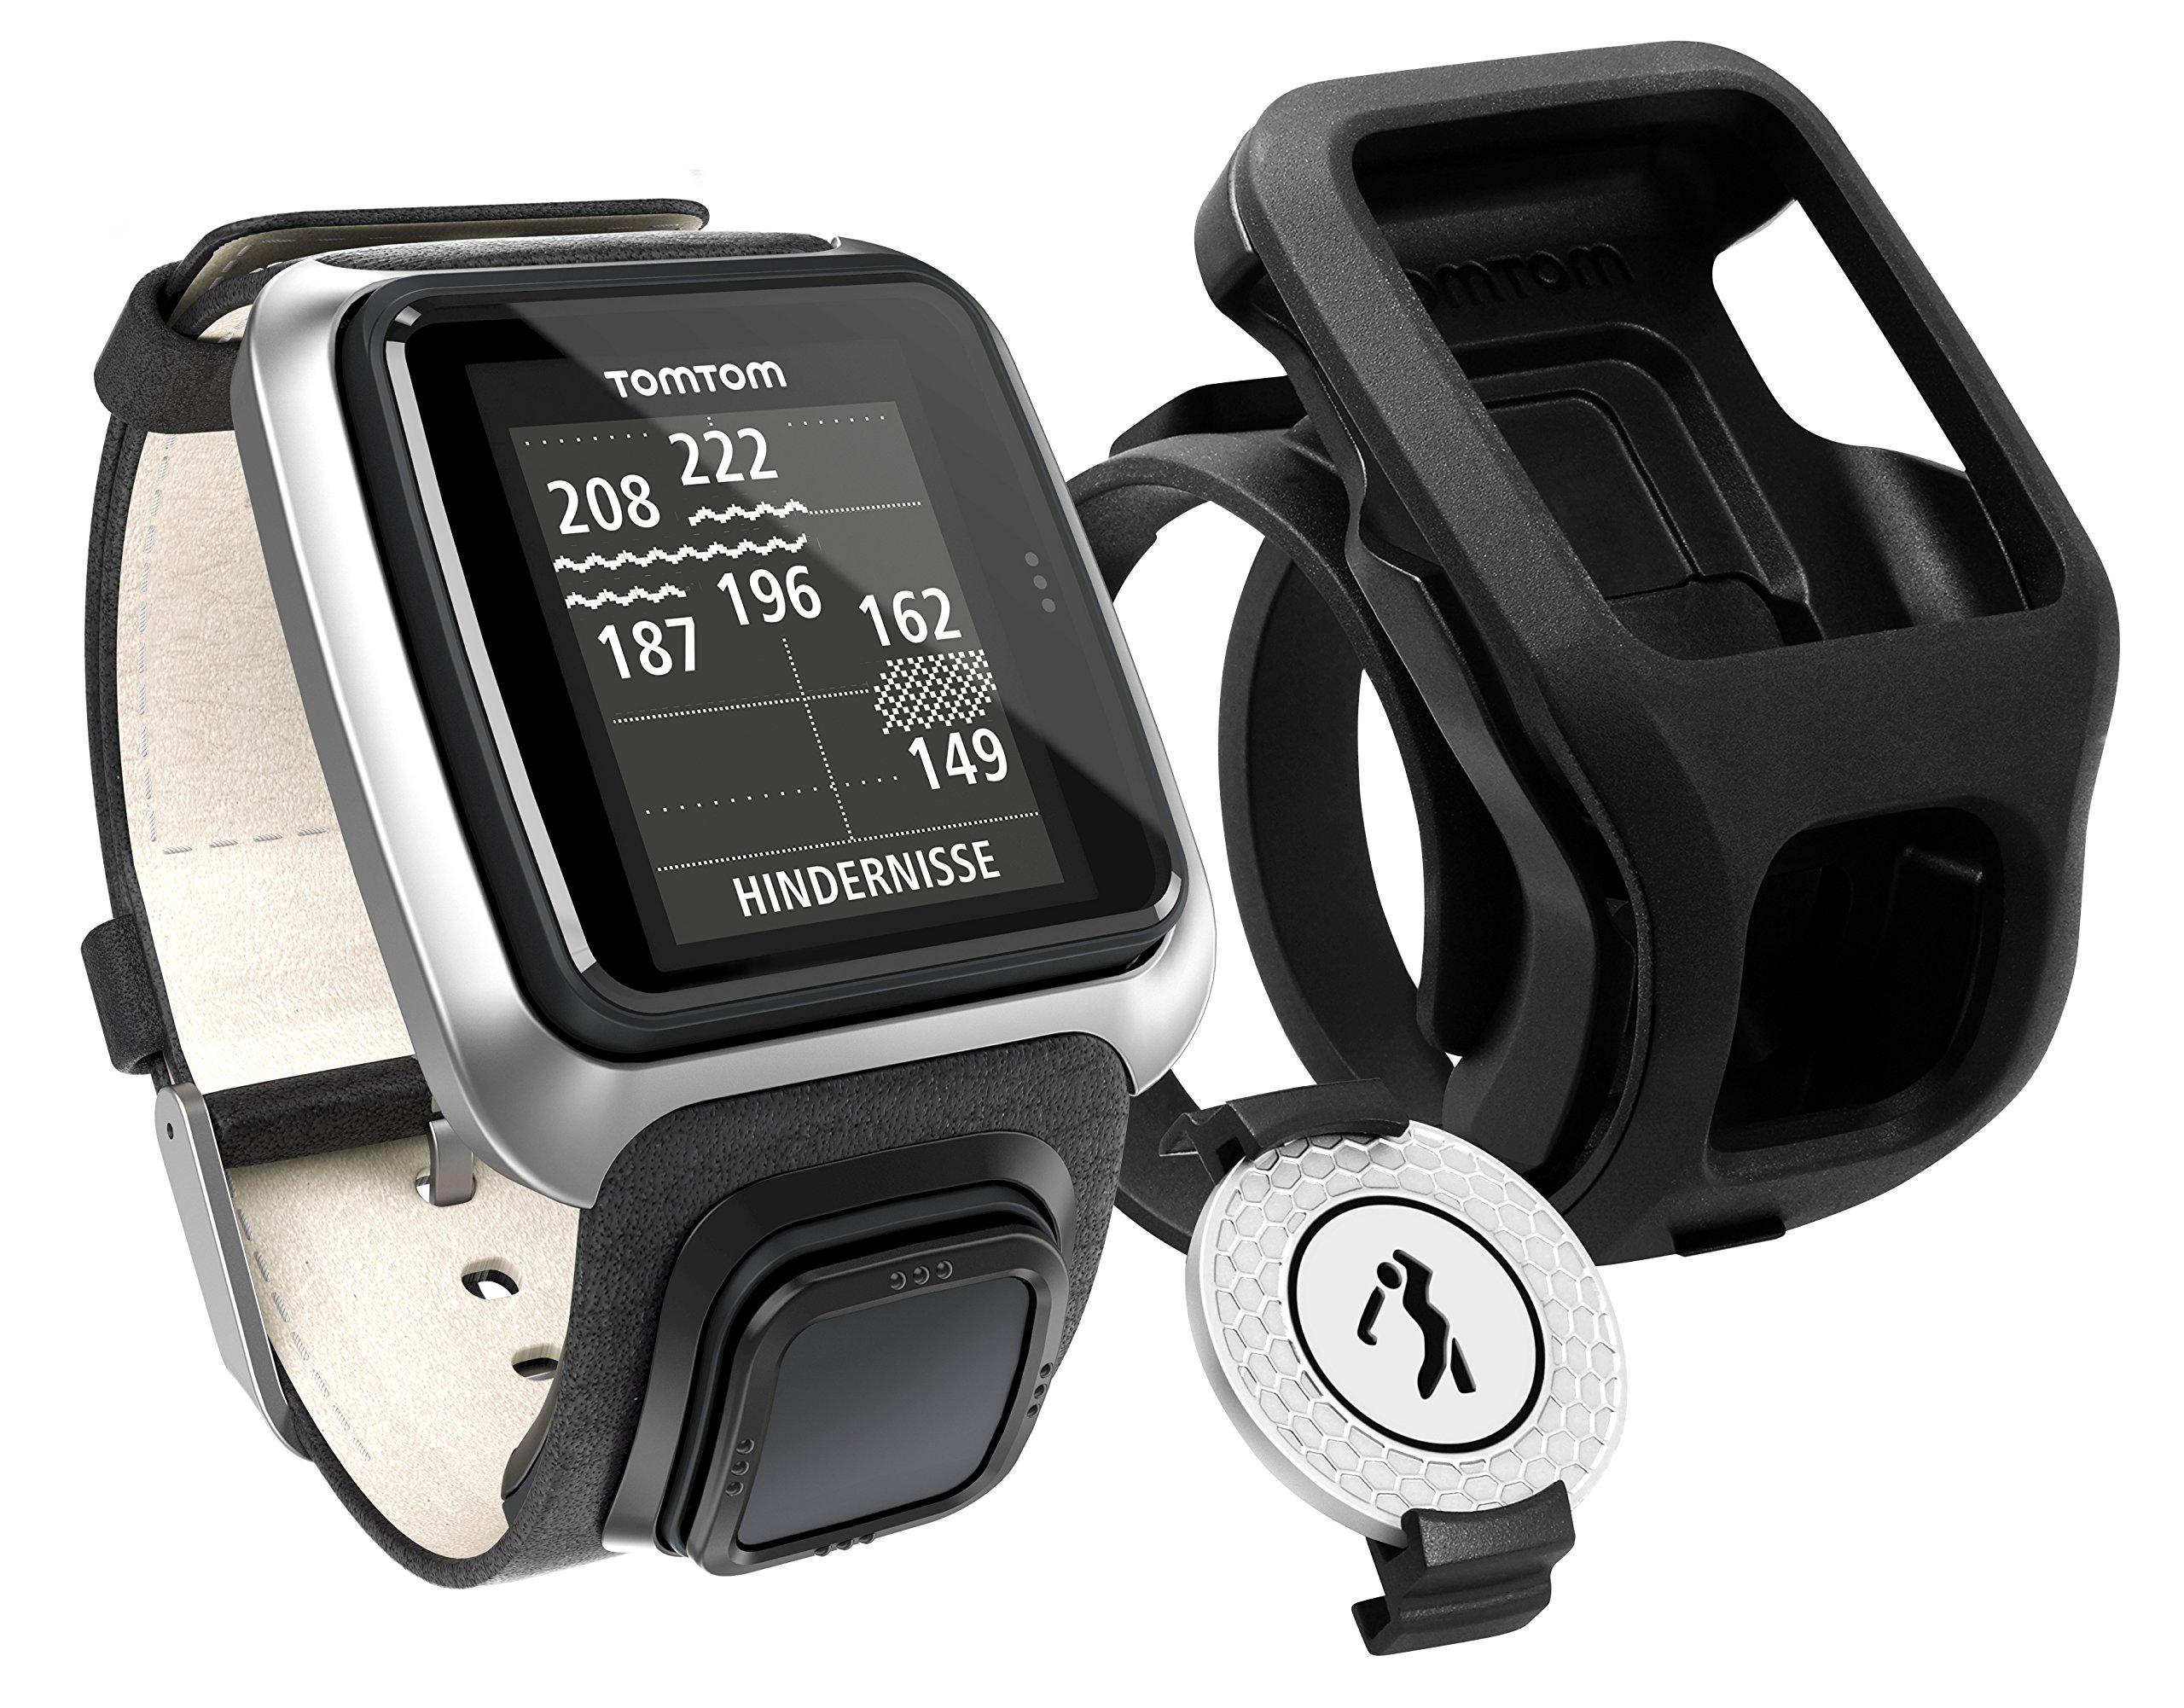 TomTom Golfer Premium Edition GPS Watch (Black)